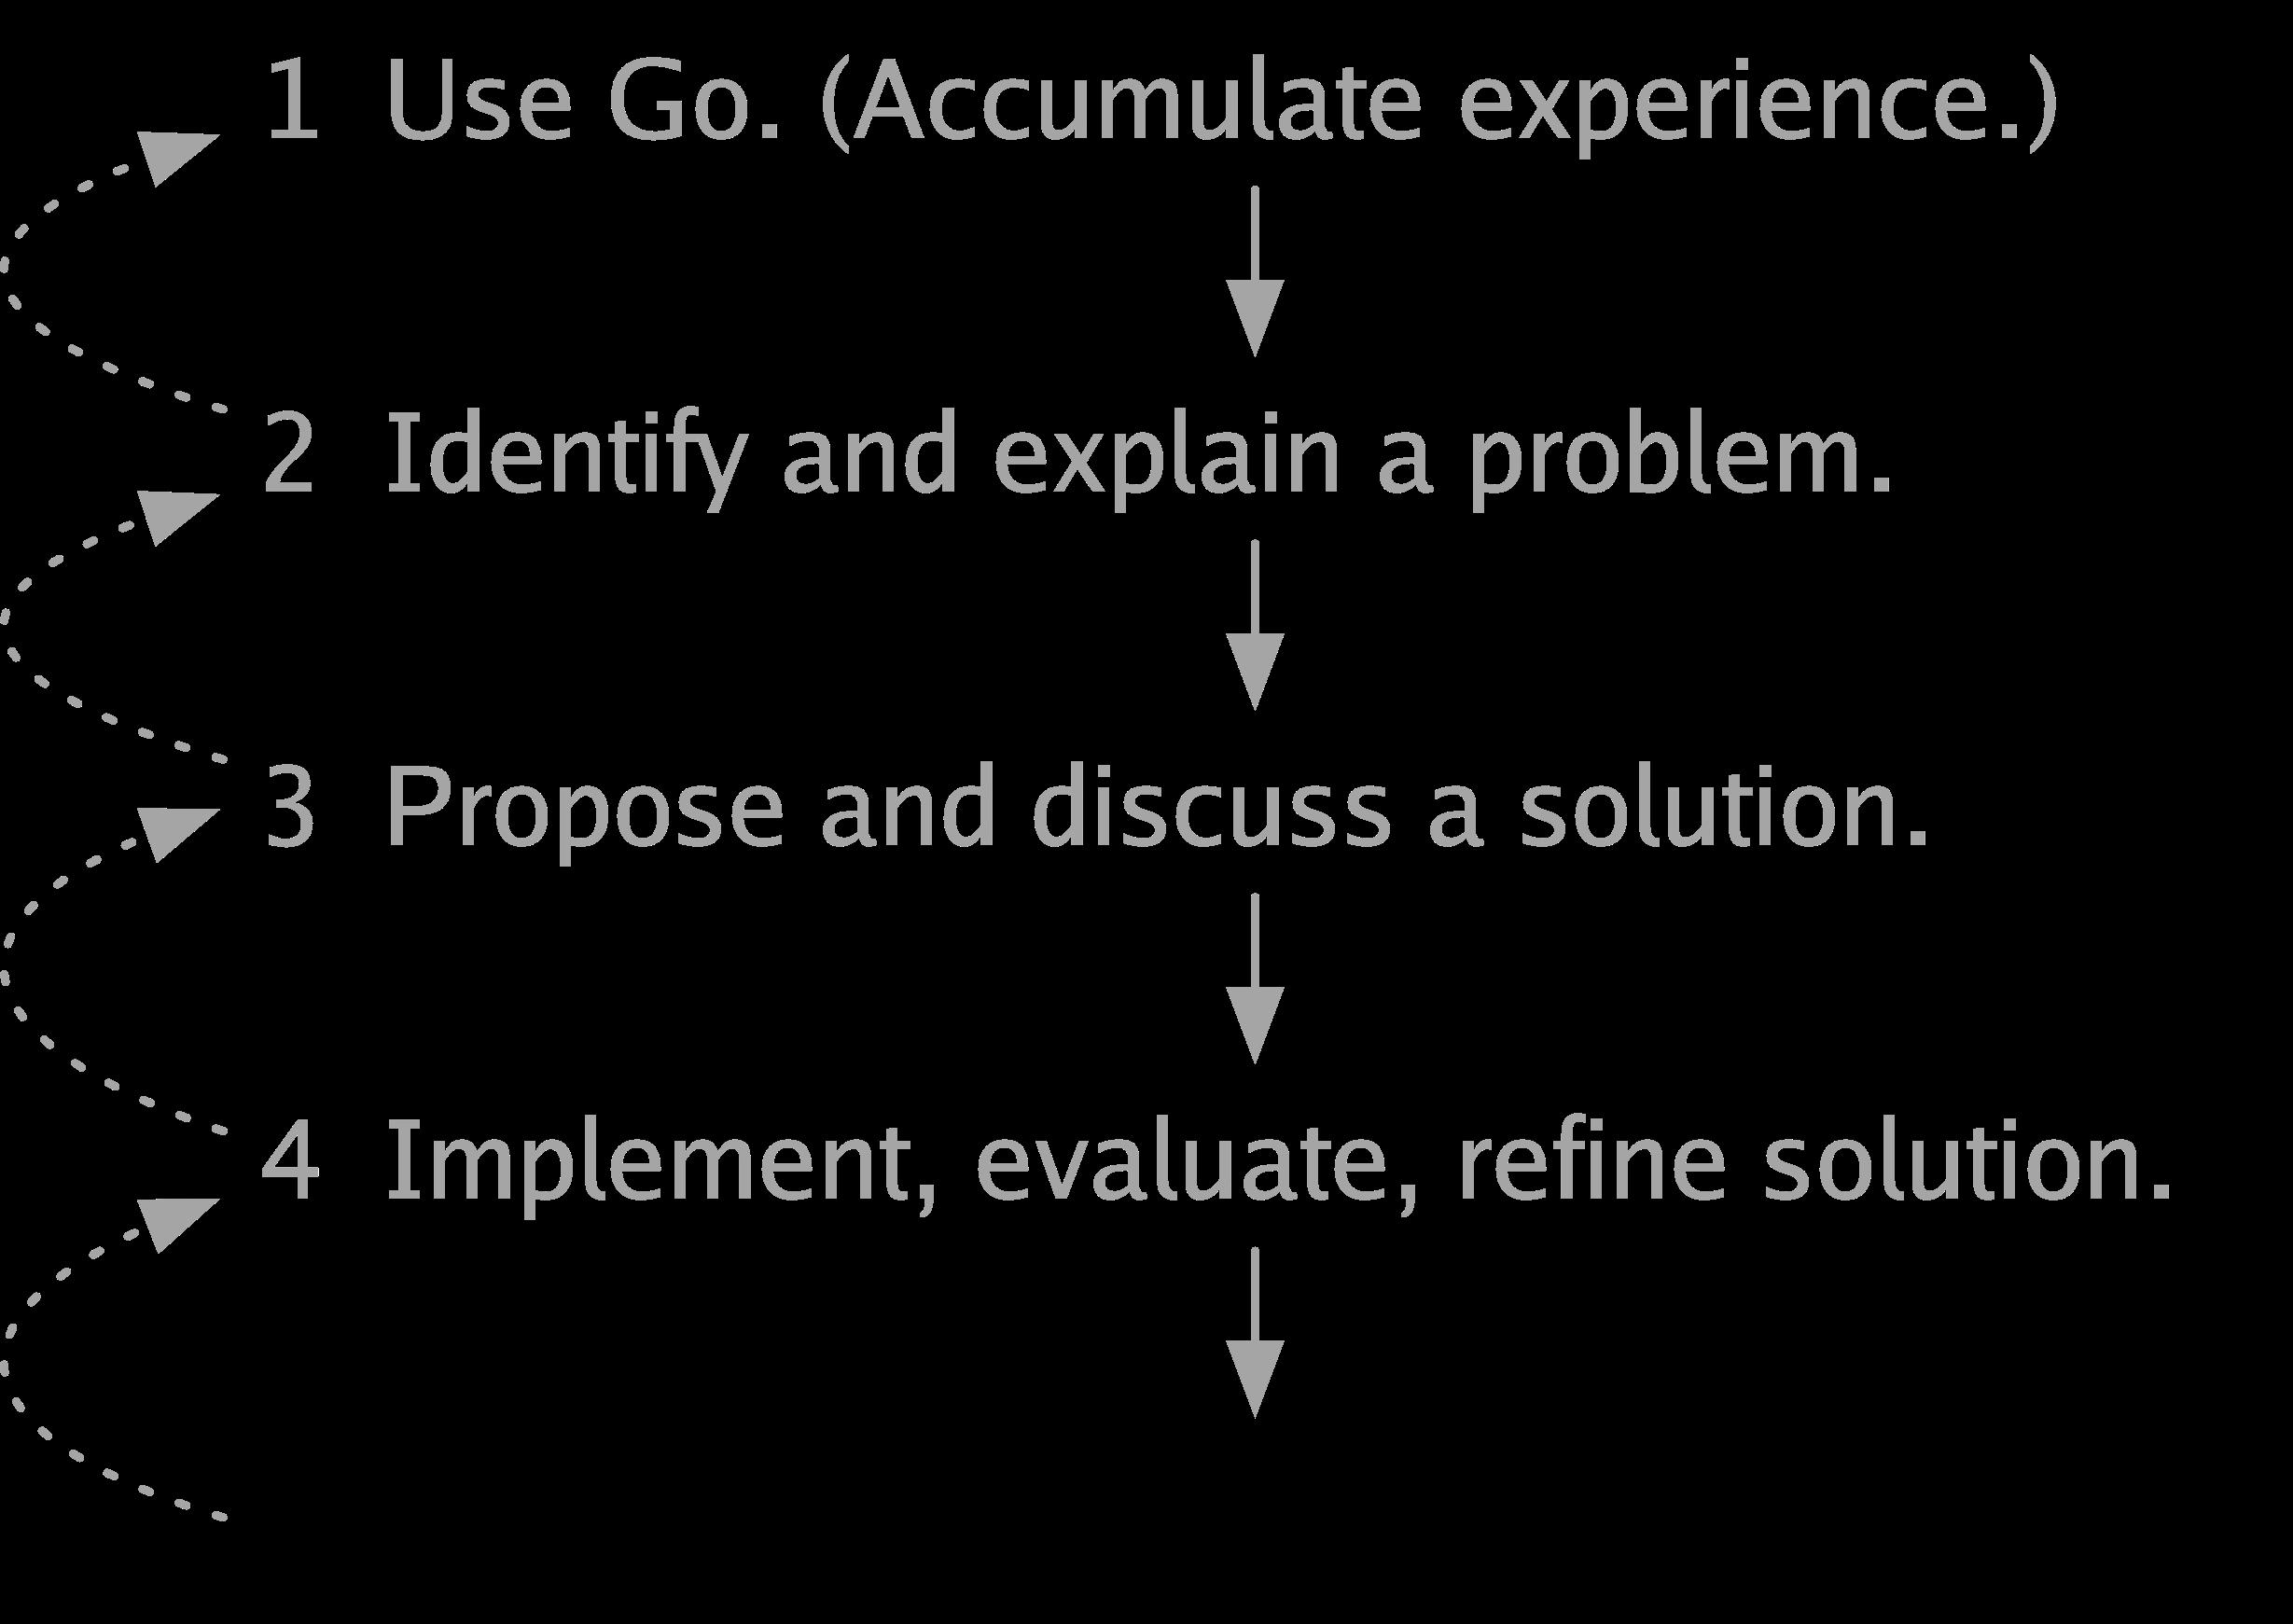 Toward Go 2 - The Go Blog - process5 - Toward Go 2 – The Go Blog